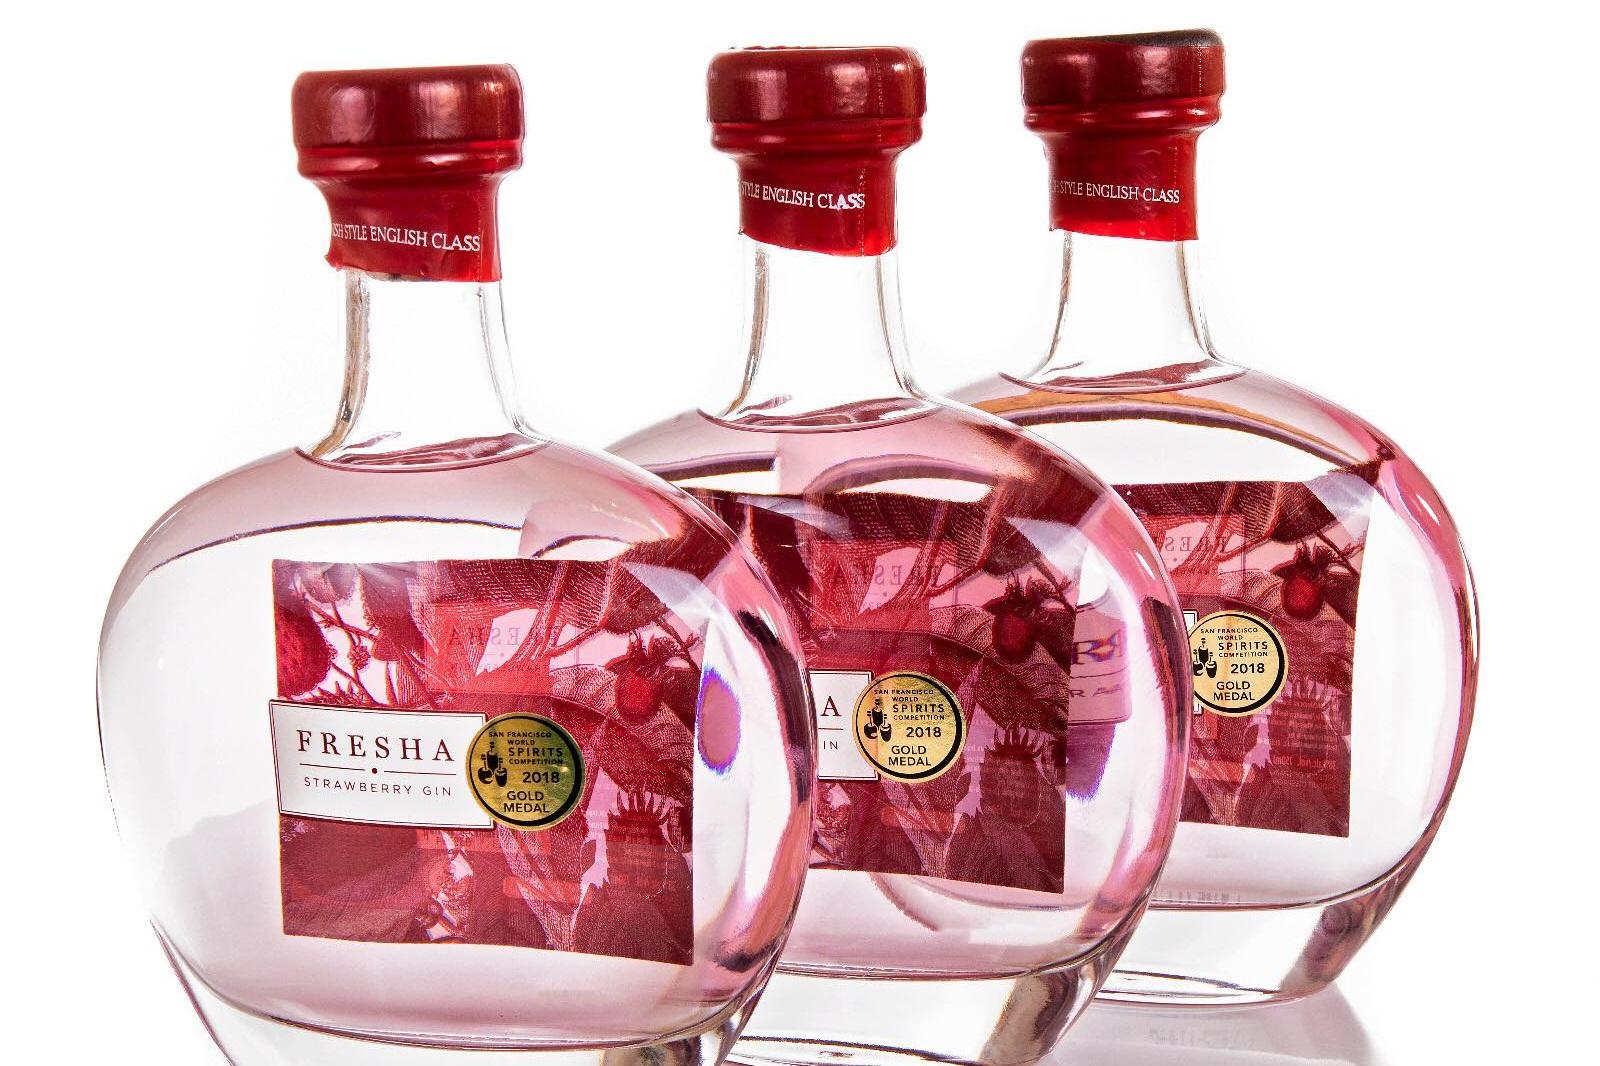 Mr Spain Fresha Gin